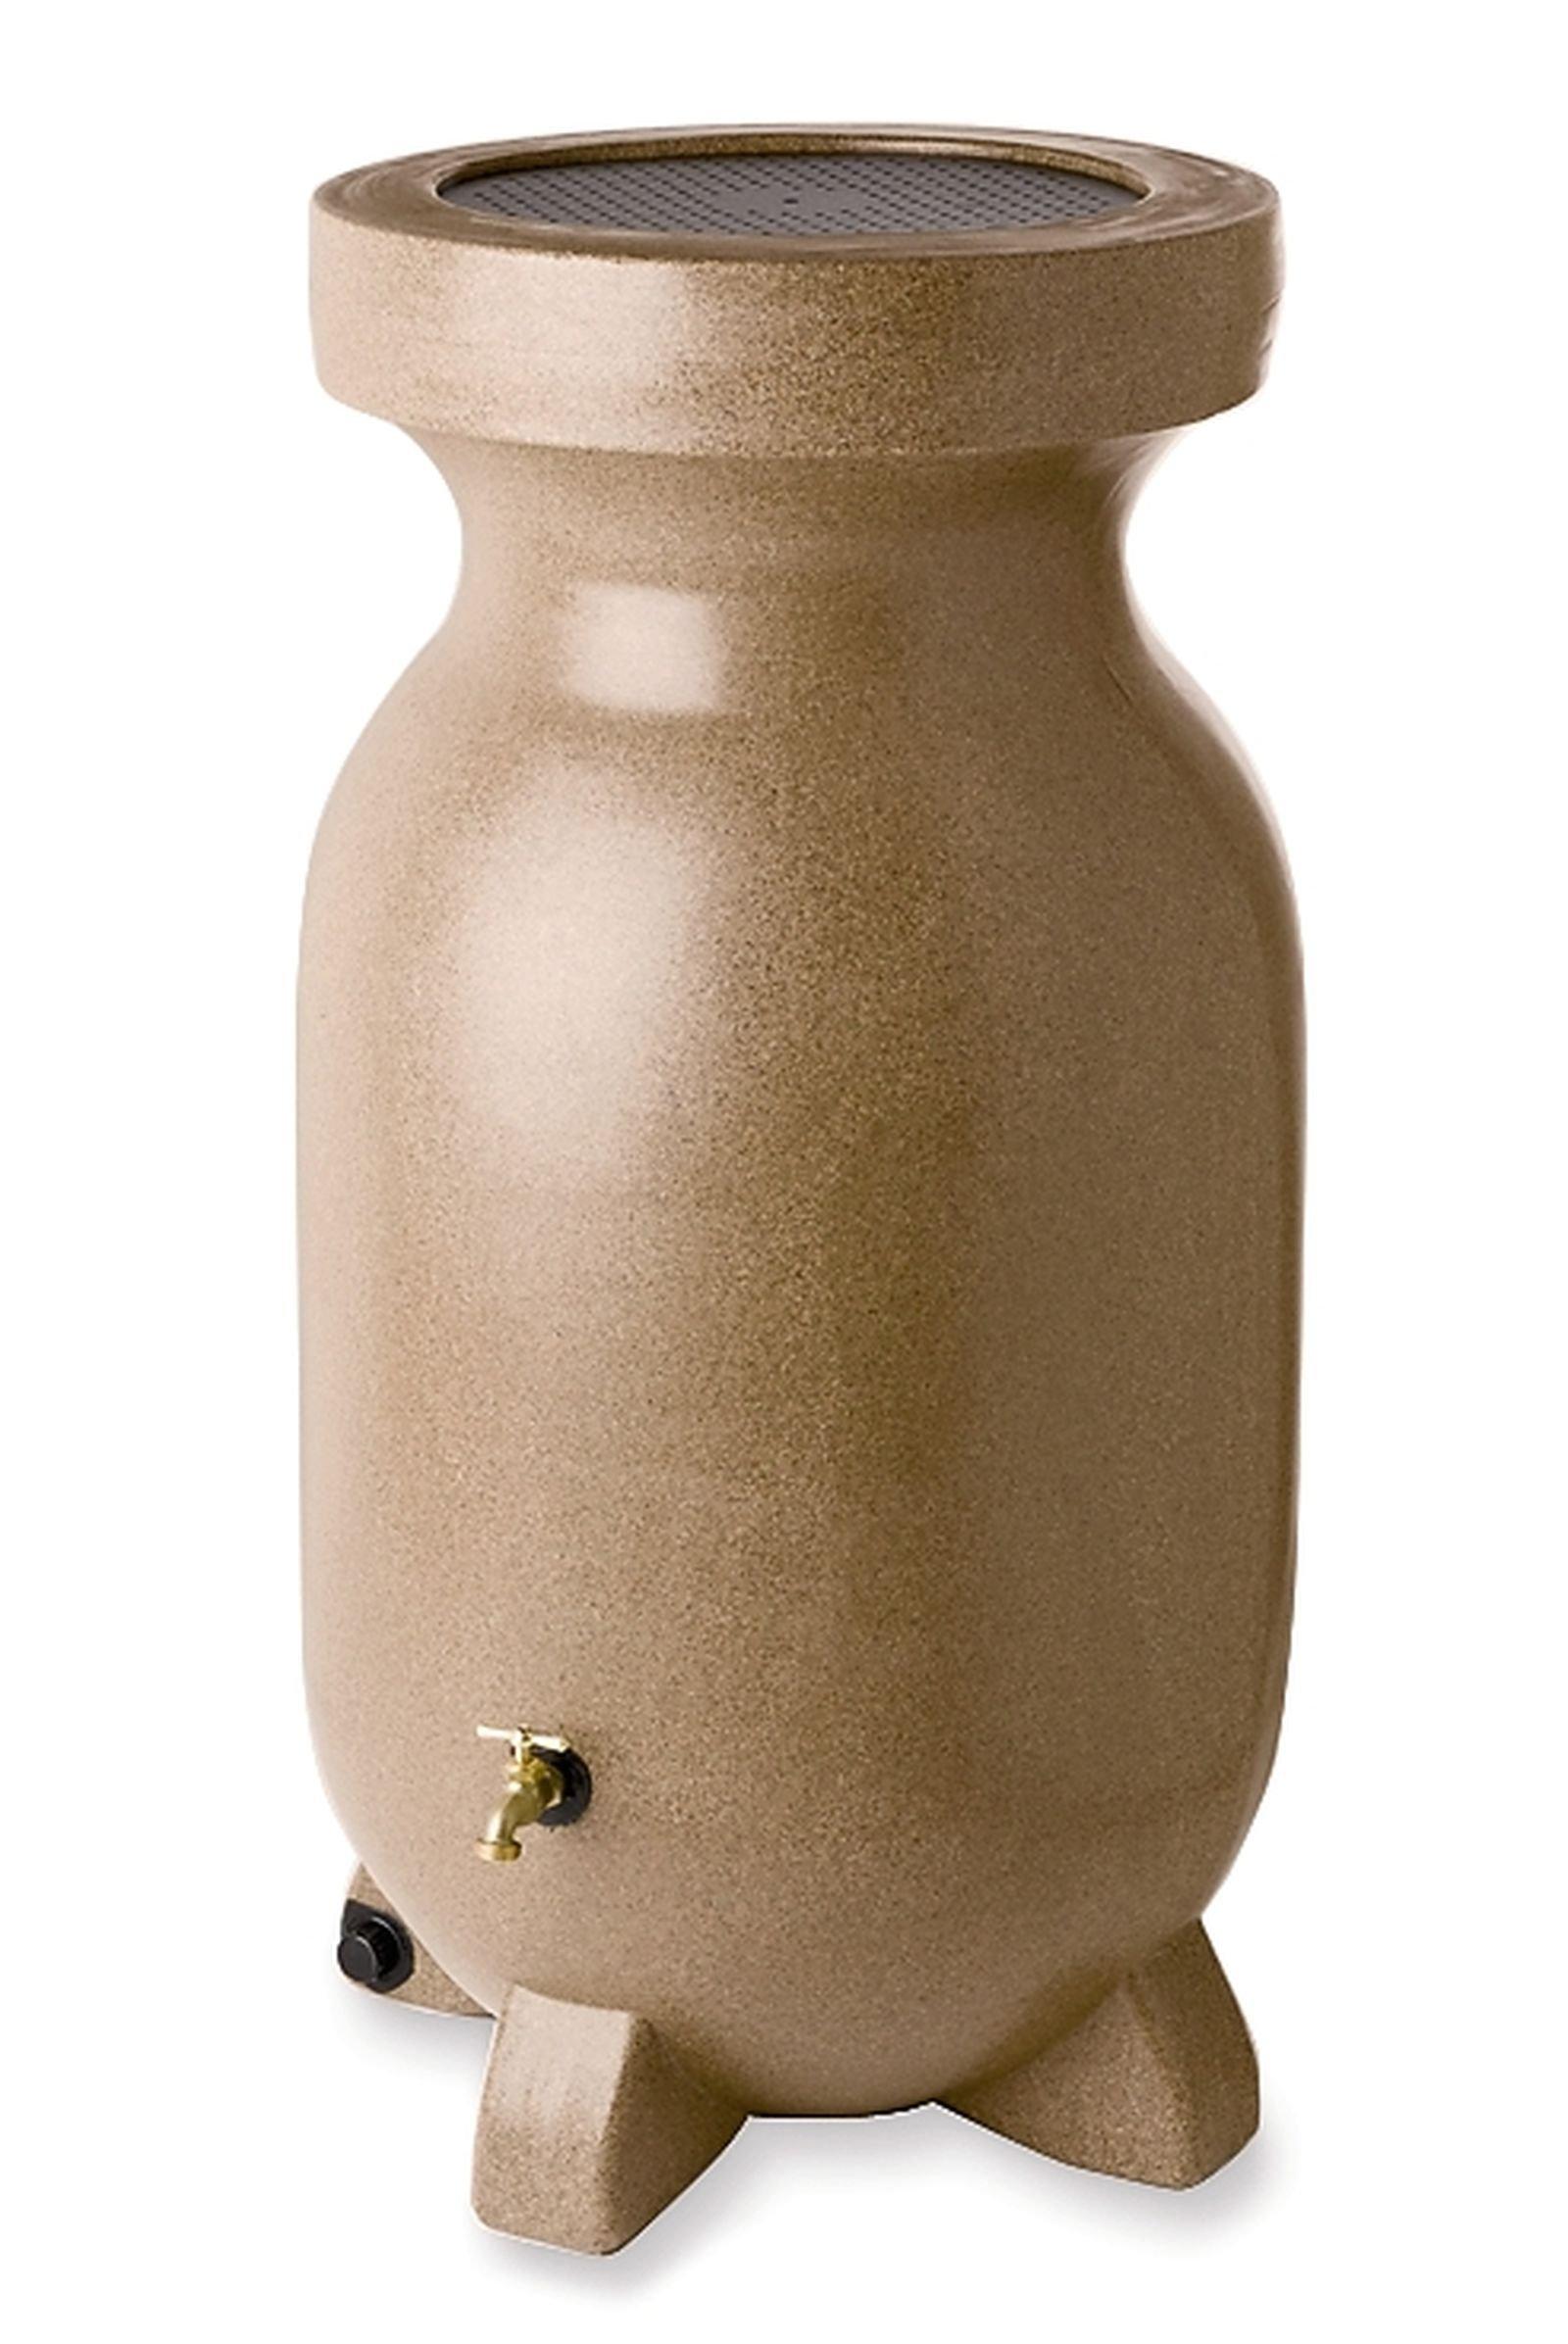 KYOTO Koolscape RBSS-75 75-Gallon Rain Barrel, Sandstone-Finish by KYOTO